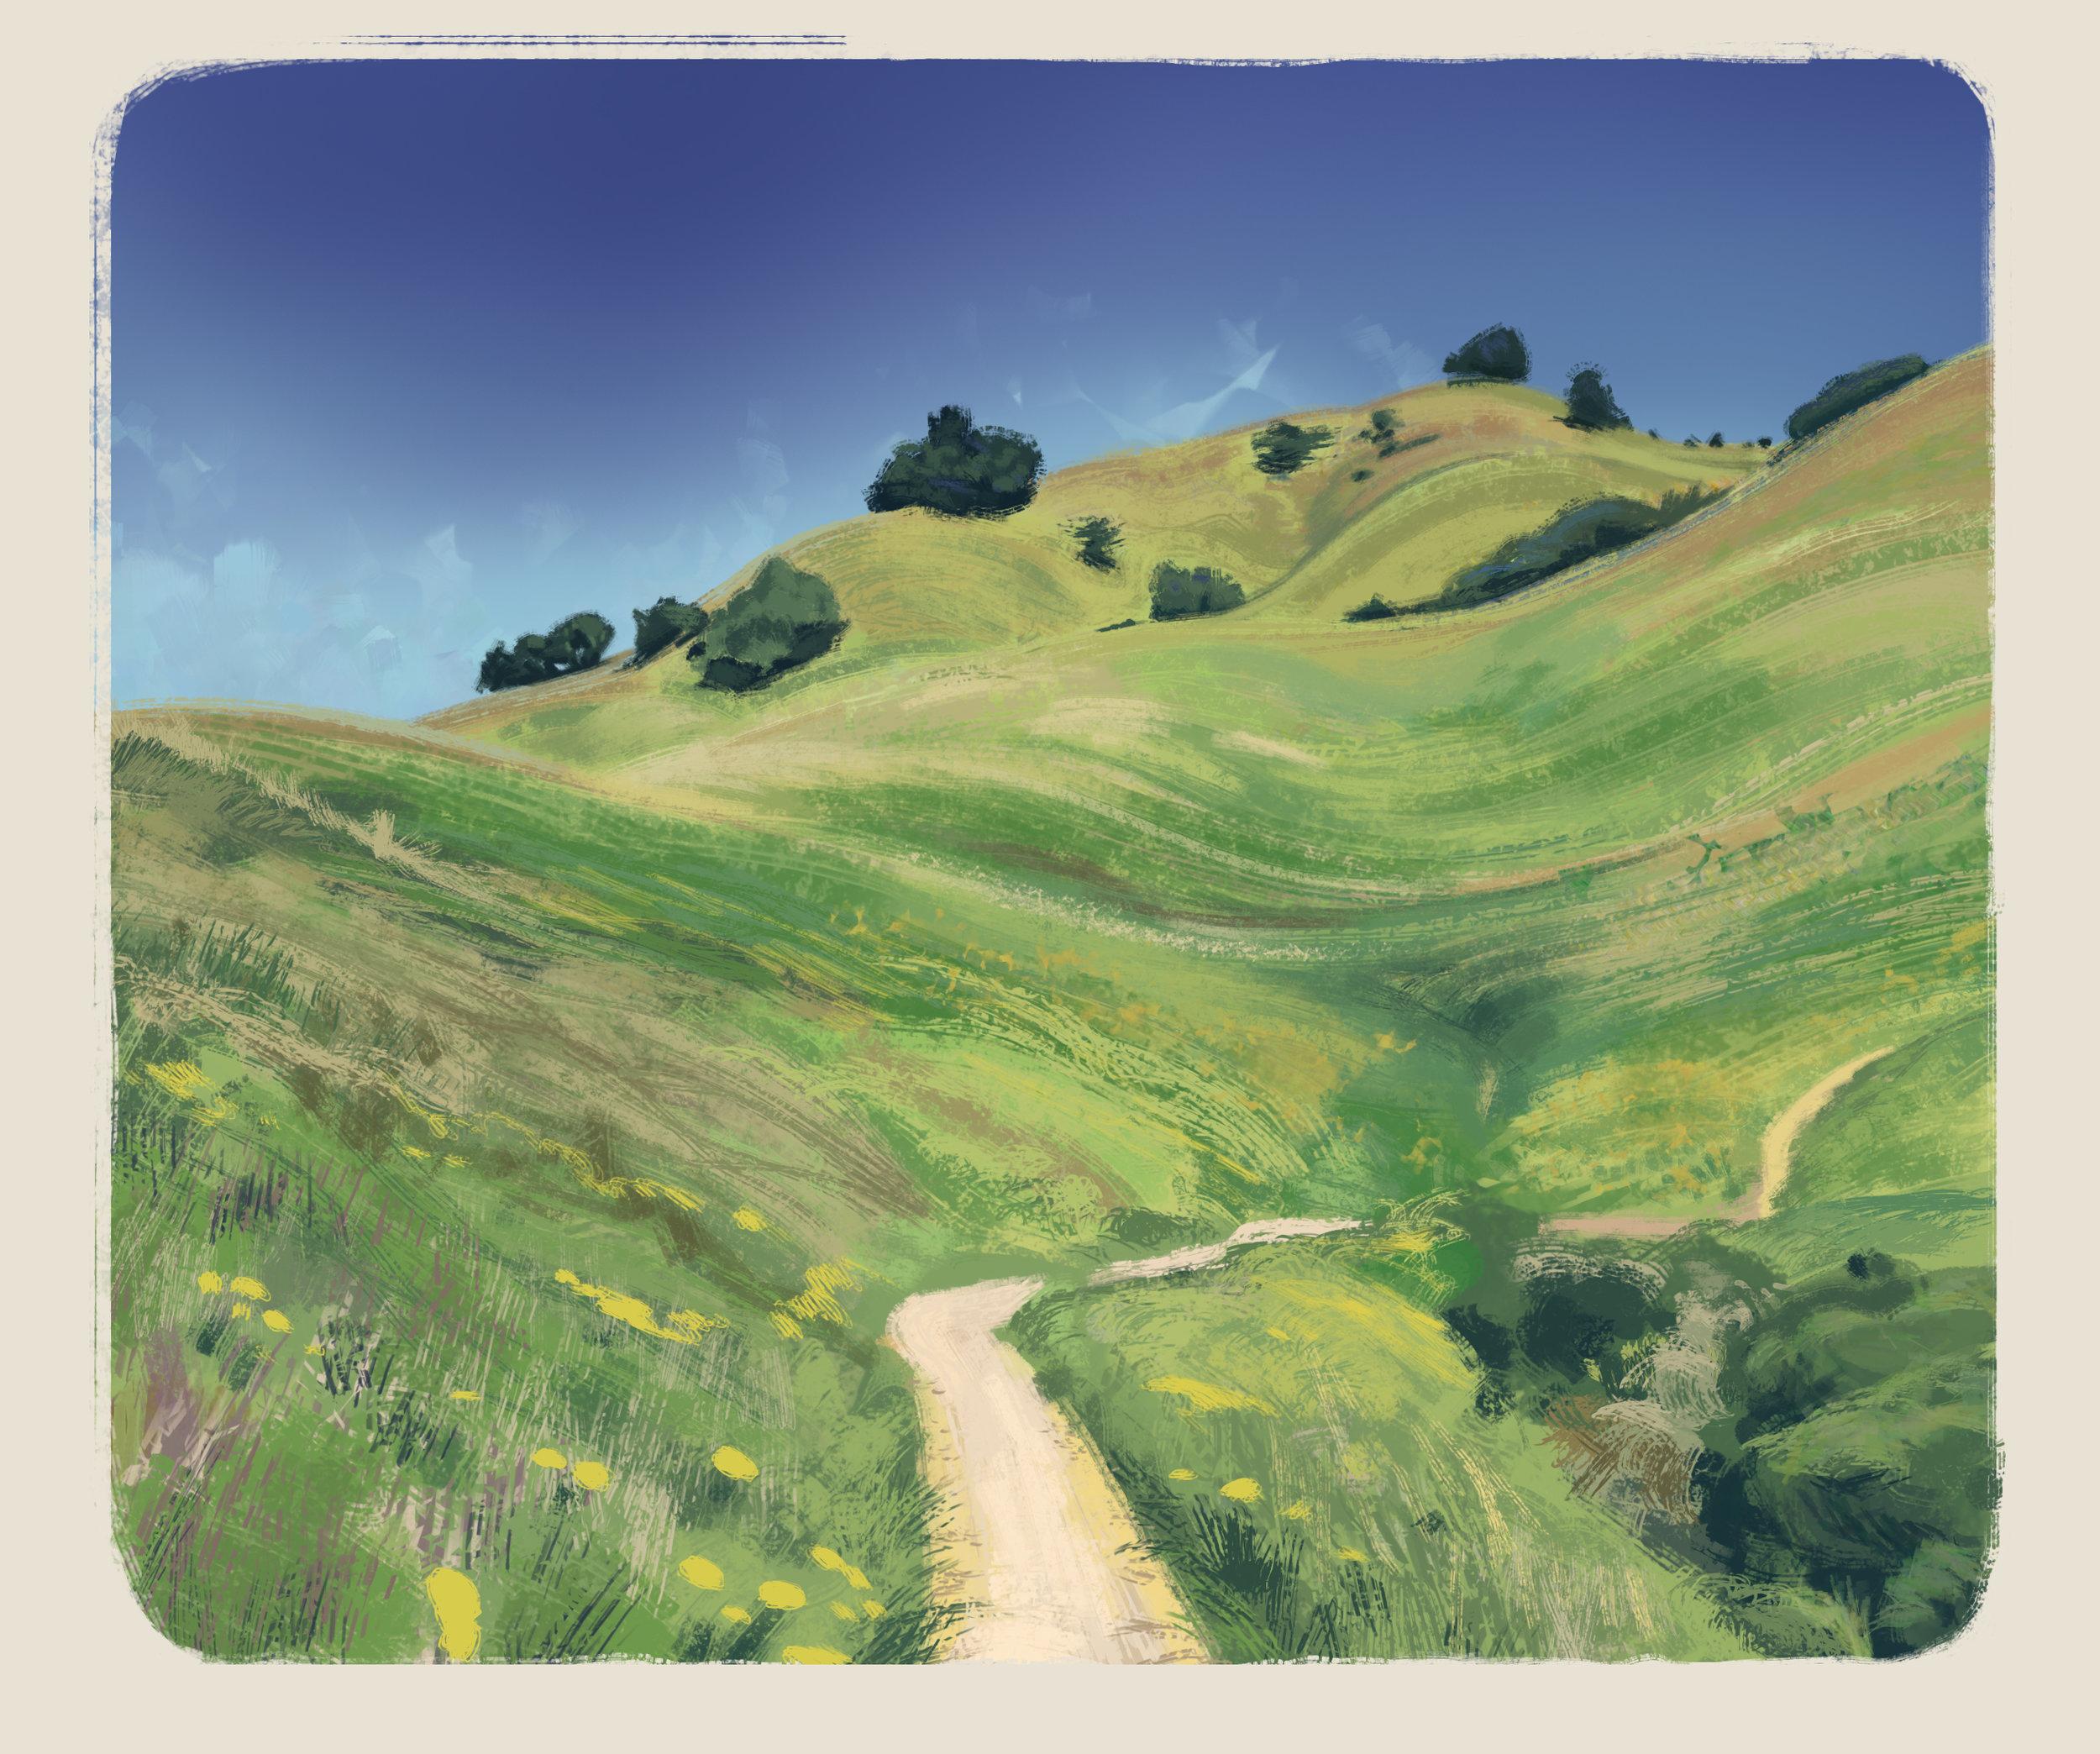 Peter_Landscape2.jpg